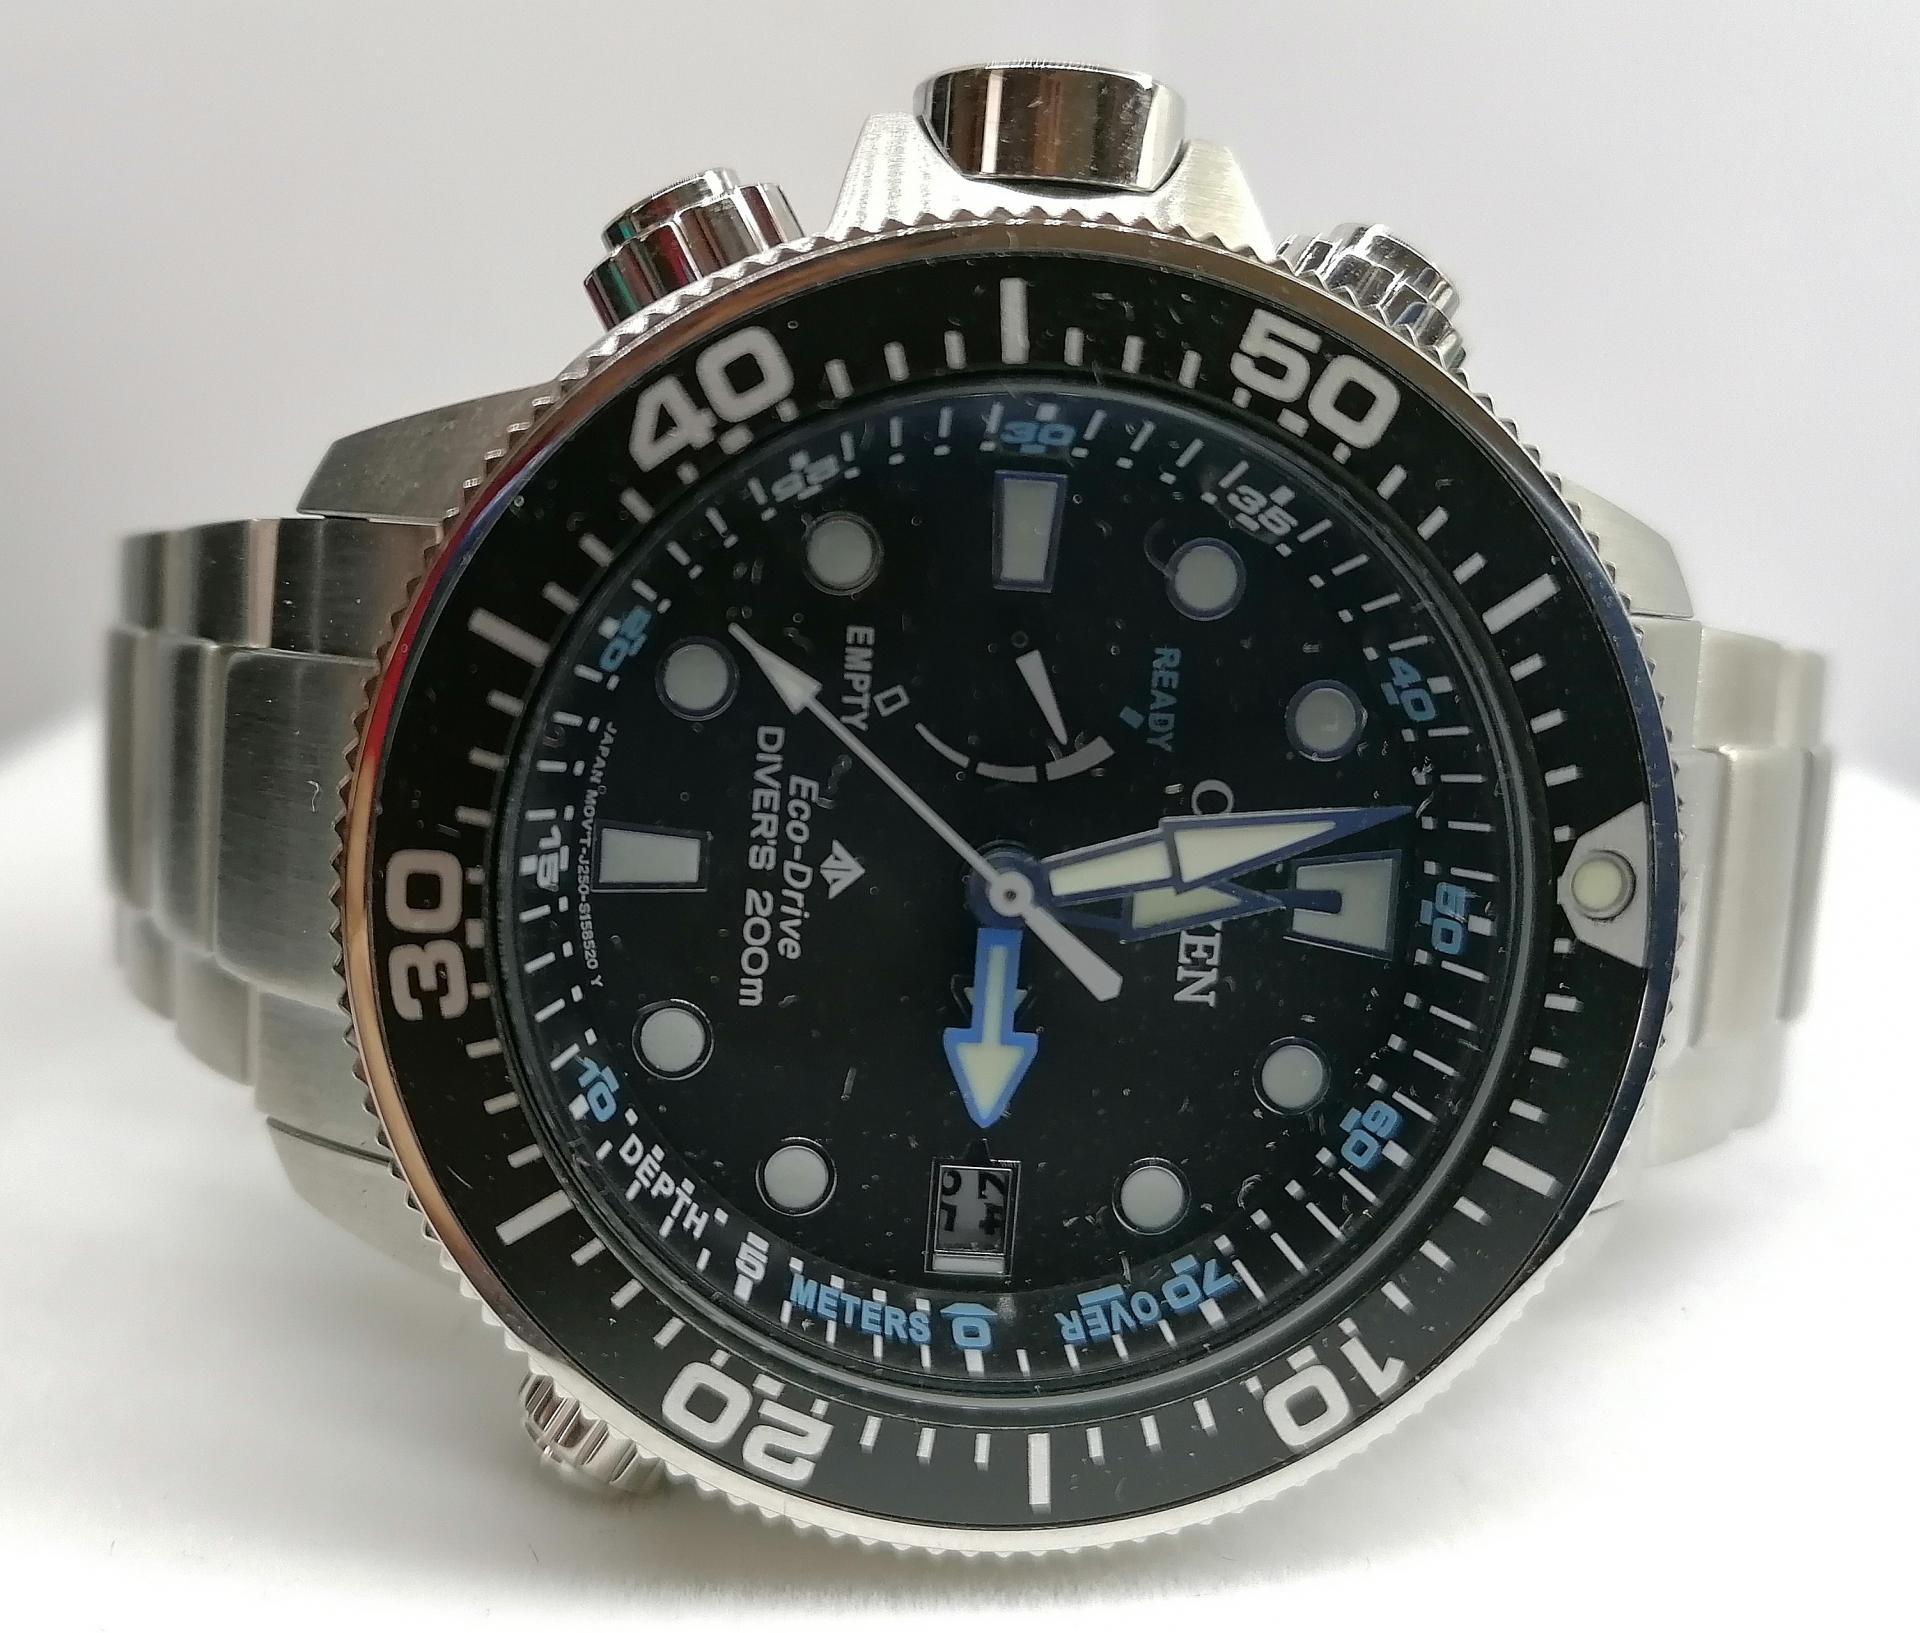 Reloj Citizen Promaster Aqualand Eco Drive Con Profundímetro BN2031-85E